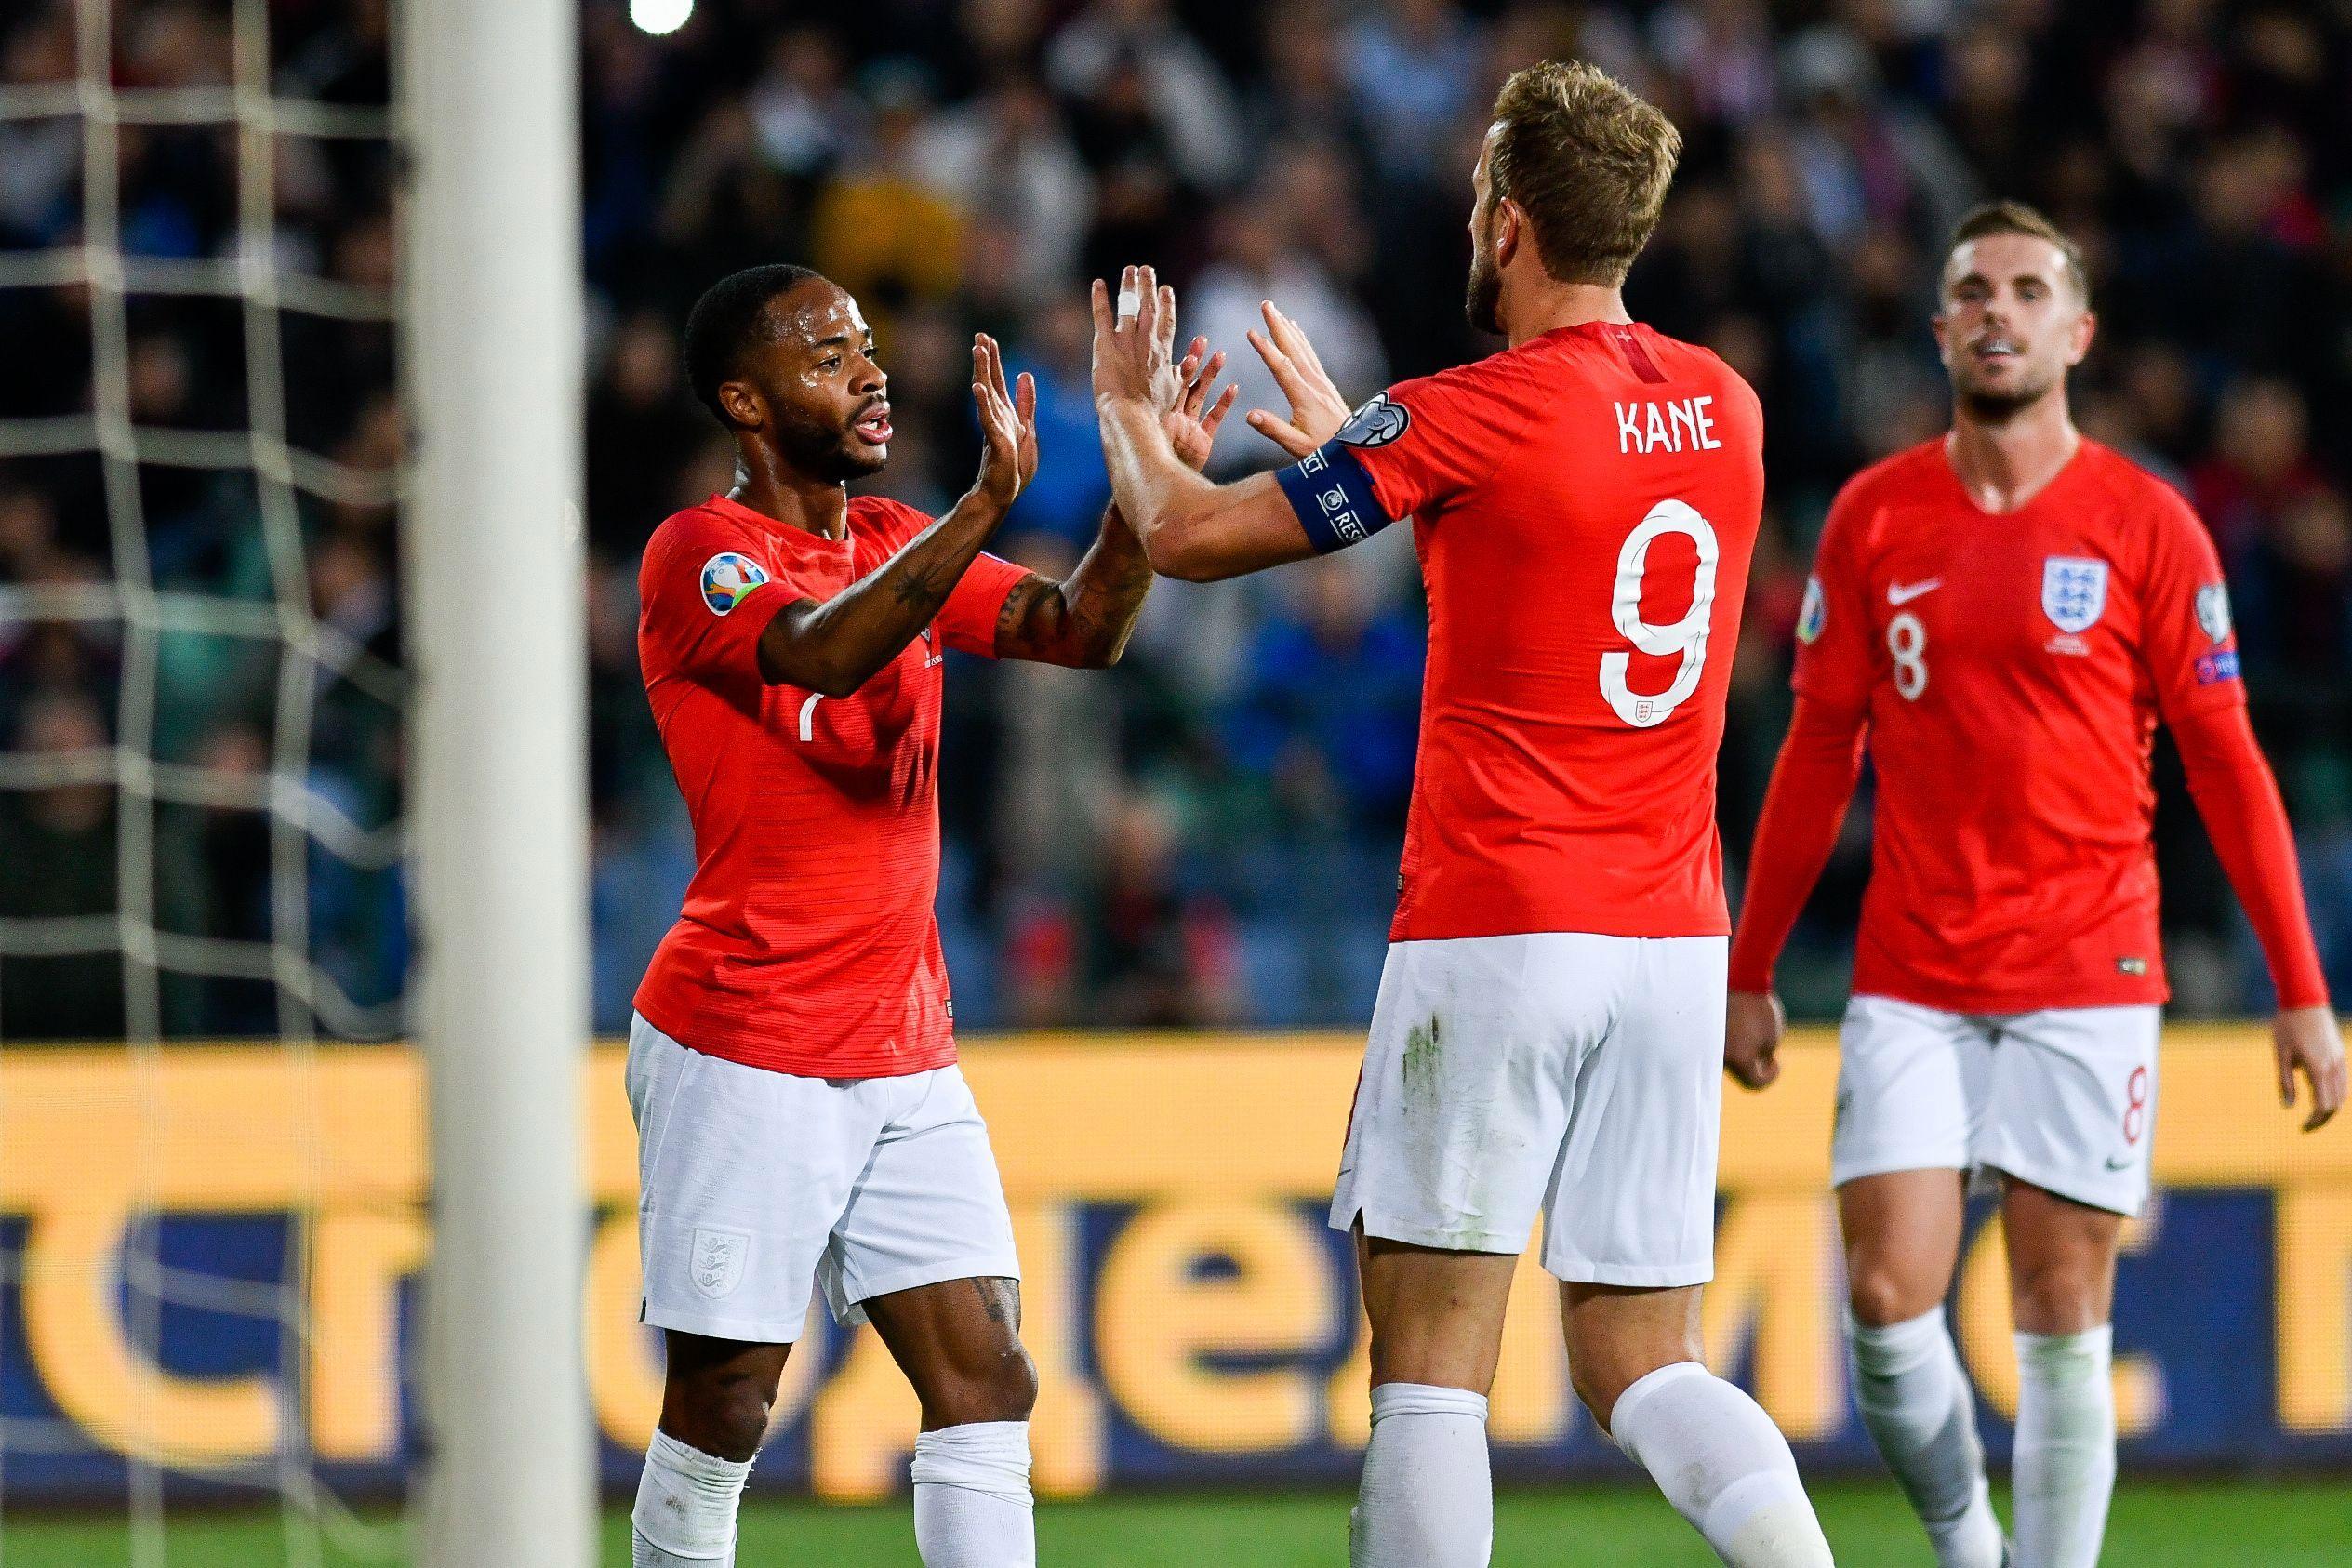 Raheem Sterling scored twice in the win